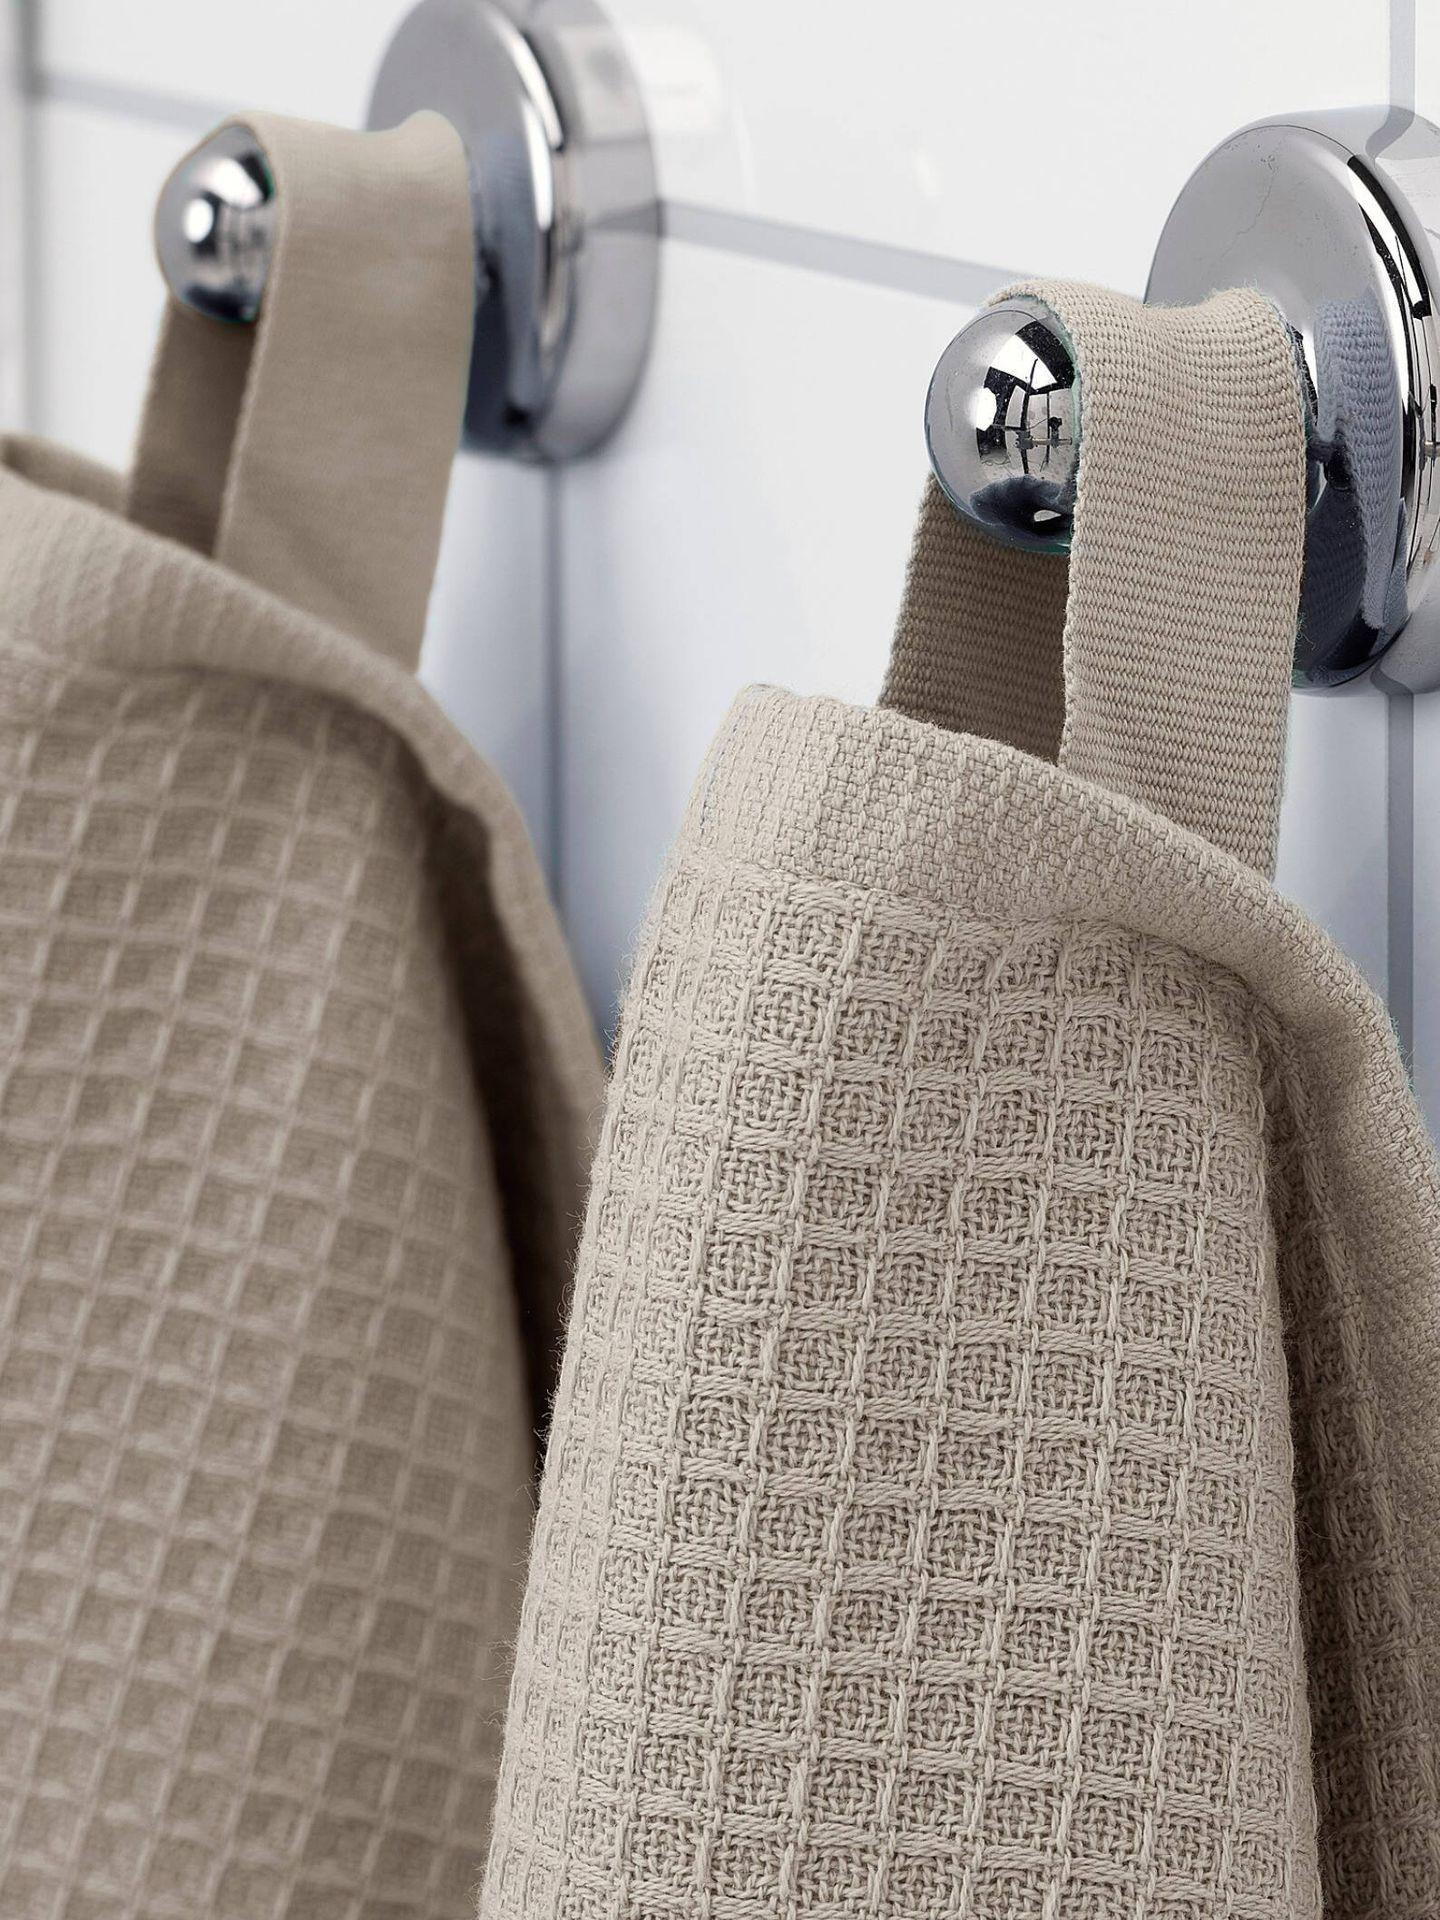 Toallas baratas y sostenibles de Ikea mejor valoradas por sus clientes. (Cortesía)